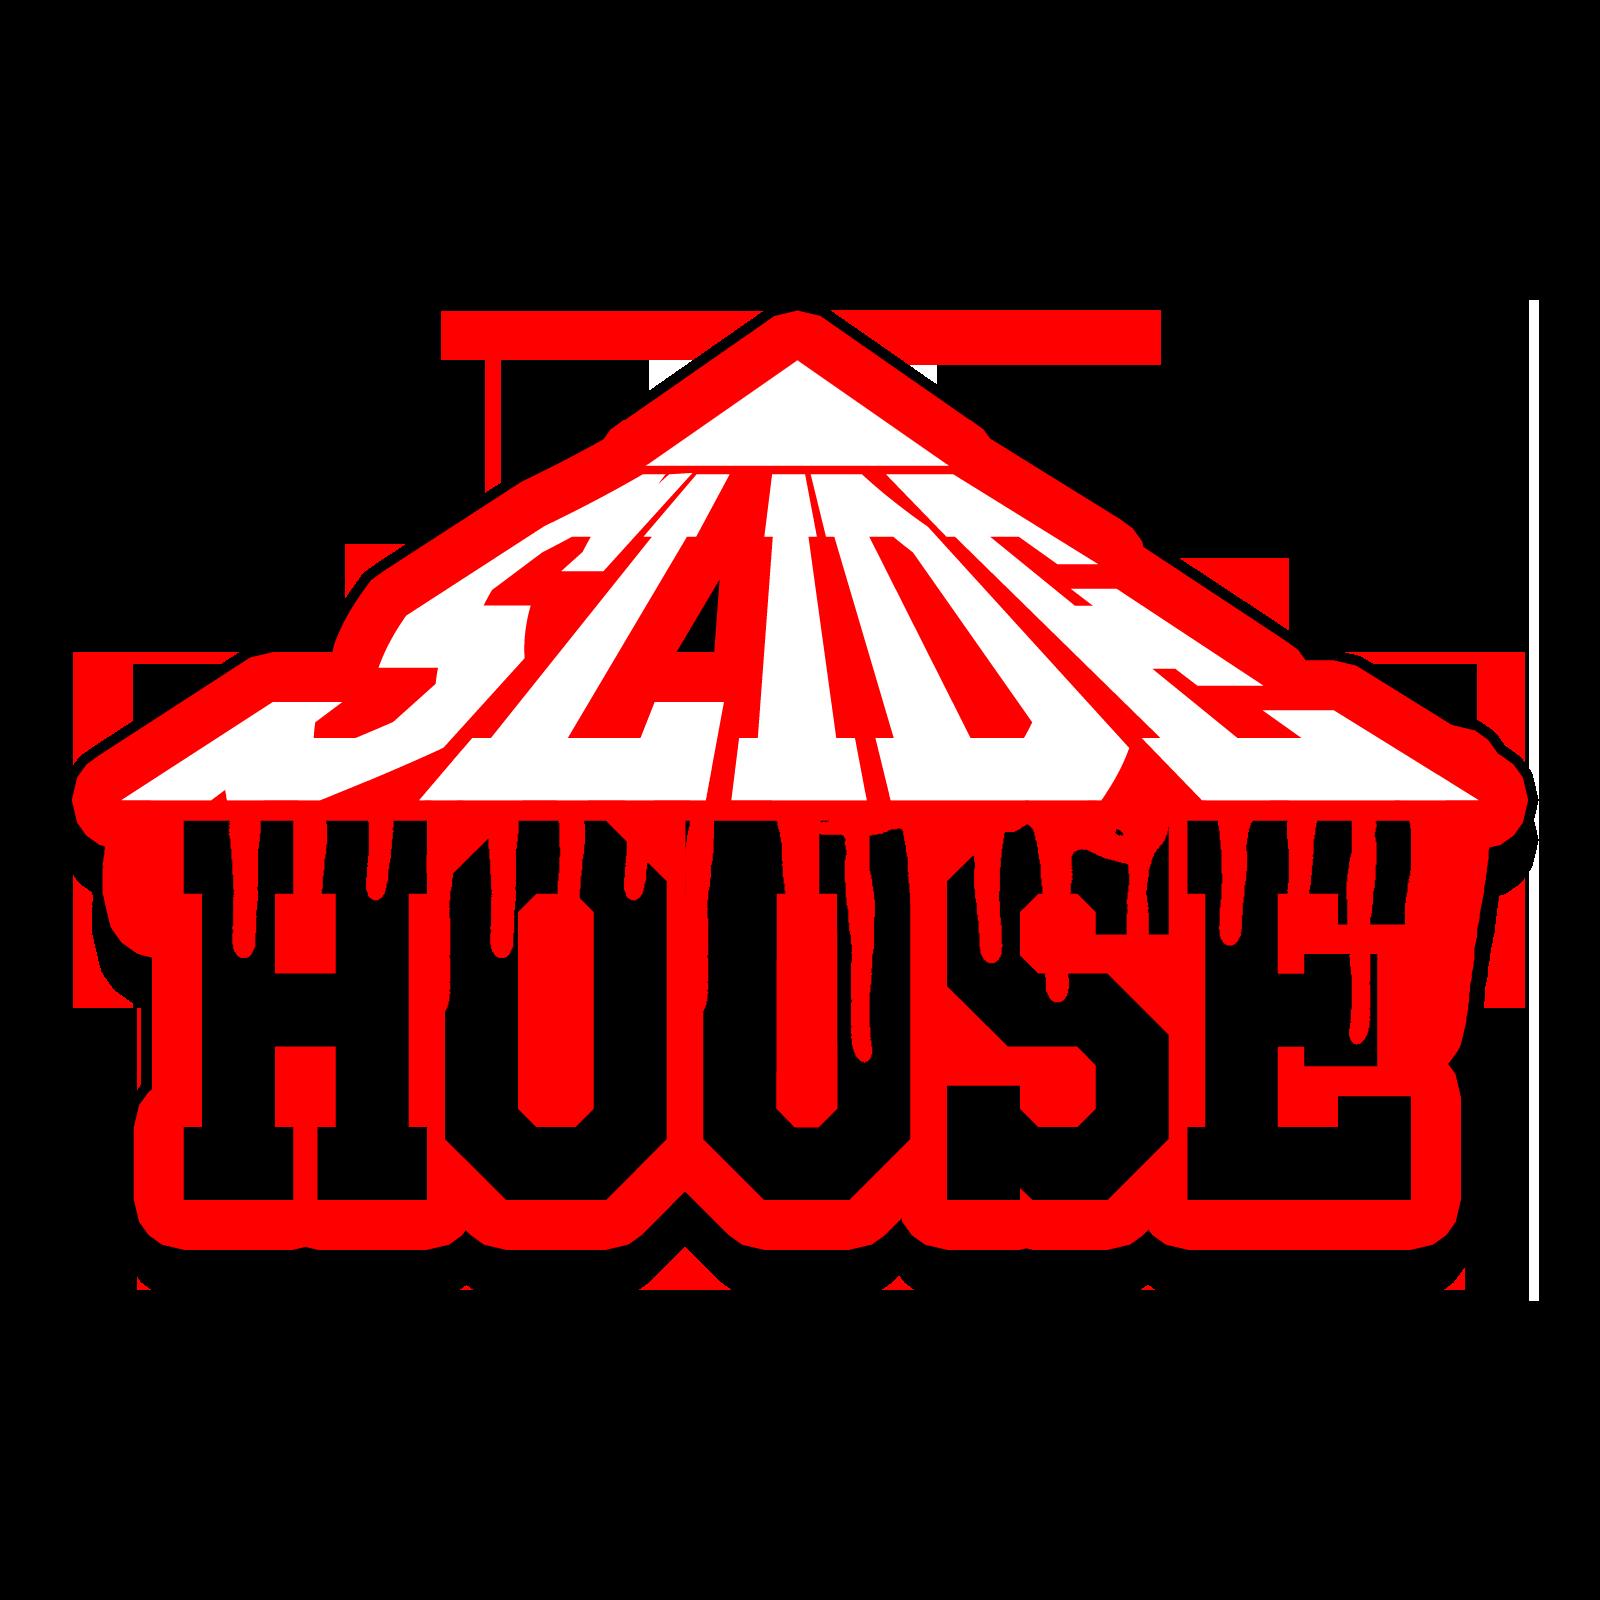 Slide house Records Logo